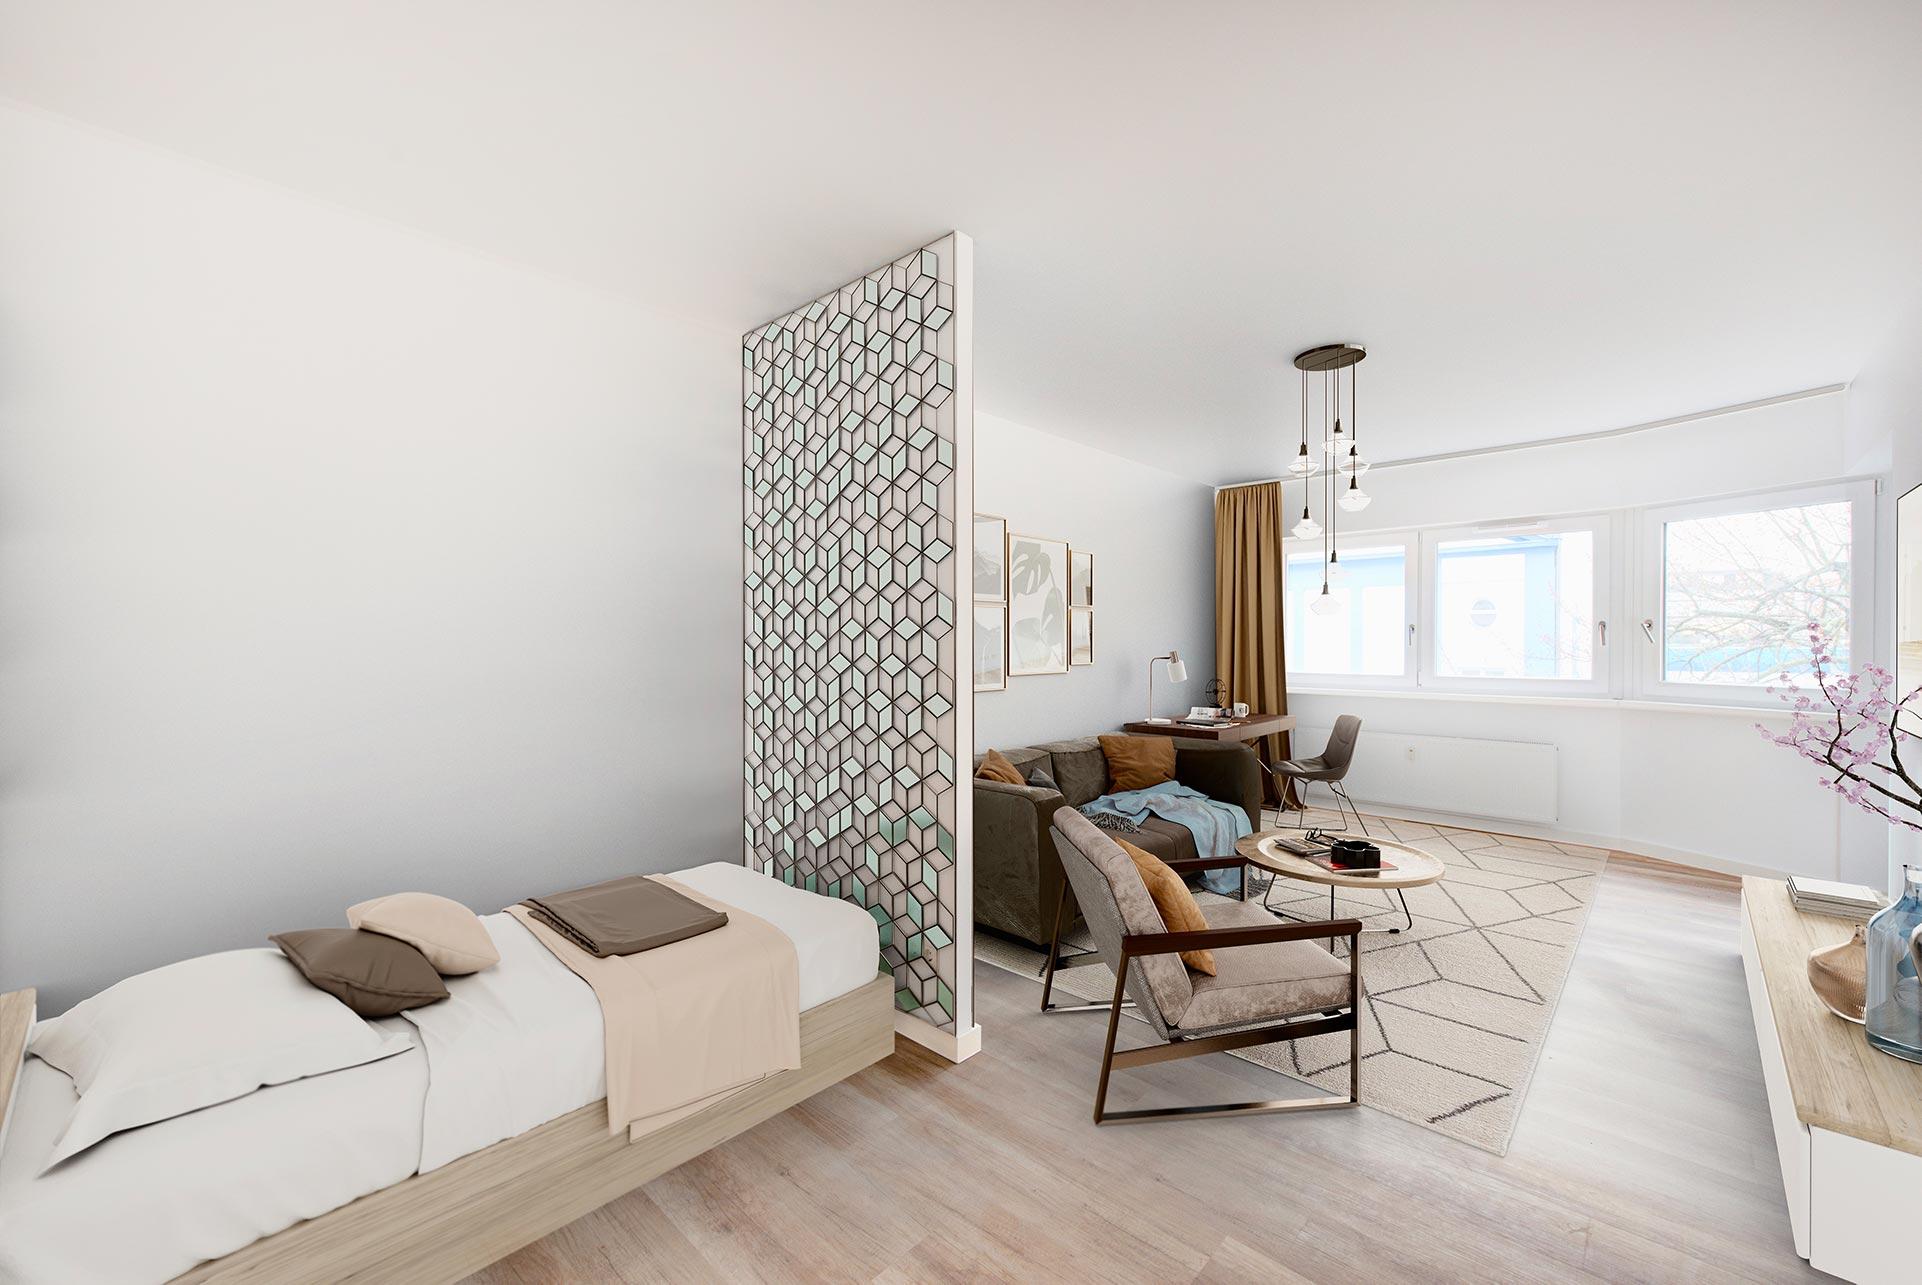 LYTZ - Lützowstrasse 37/39 - 1-Zimmer-Apartment